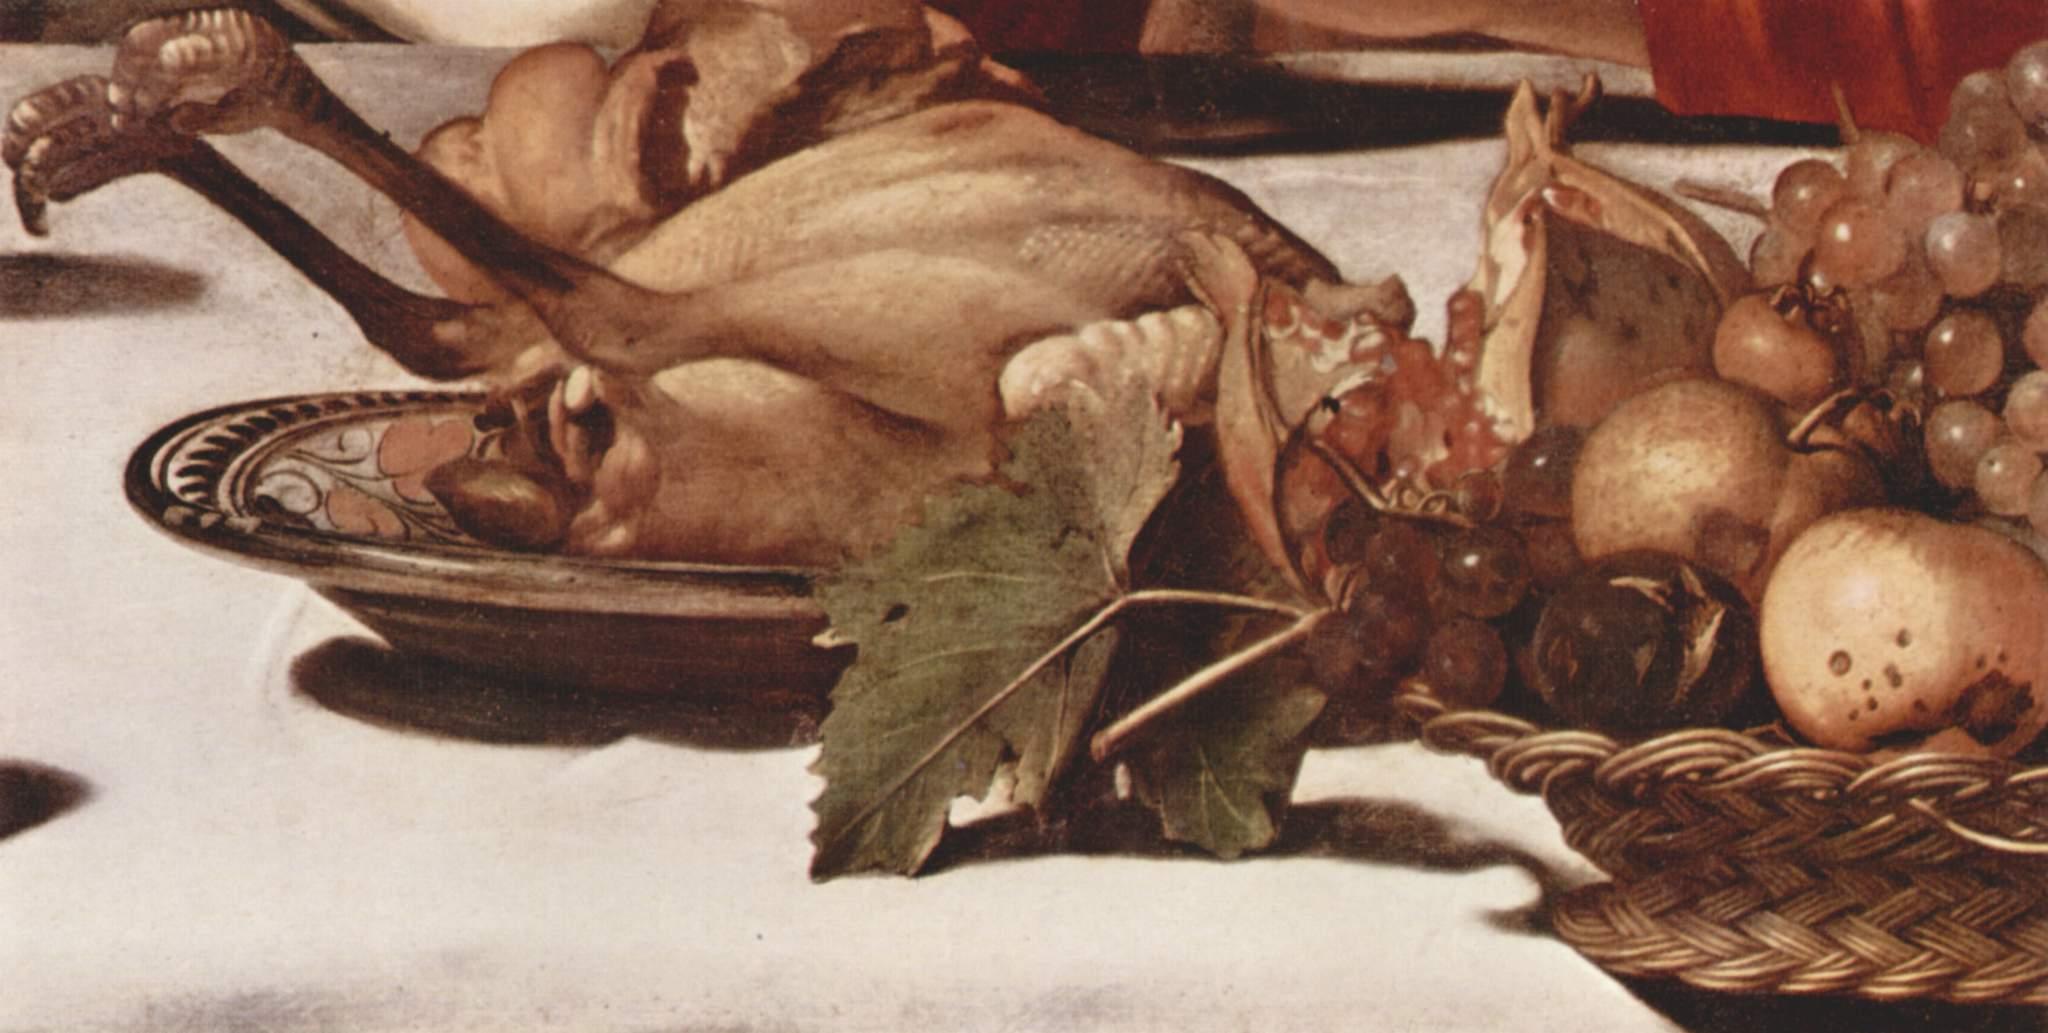 Христос в Эммаусе. Деталь  фрукты и дичь, Микеланджело Меризи де Караваджо